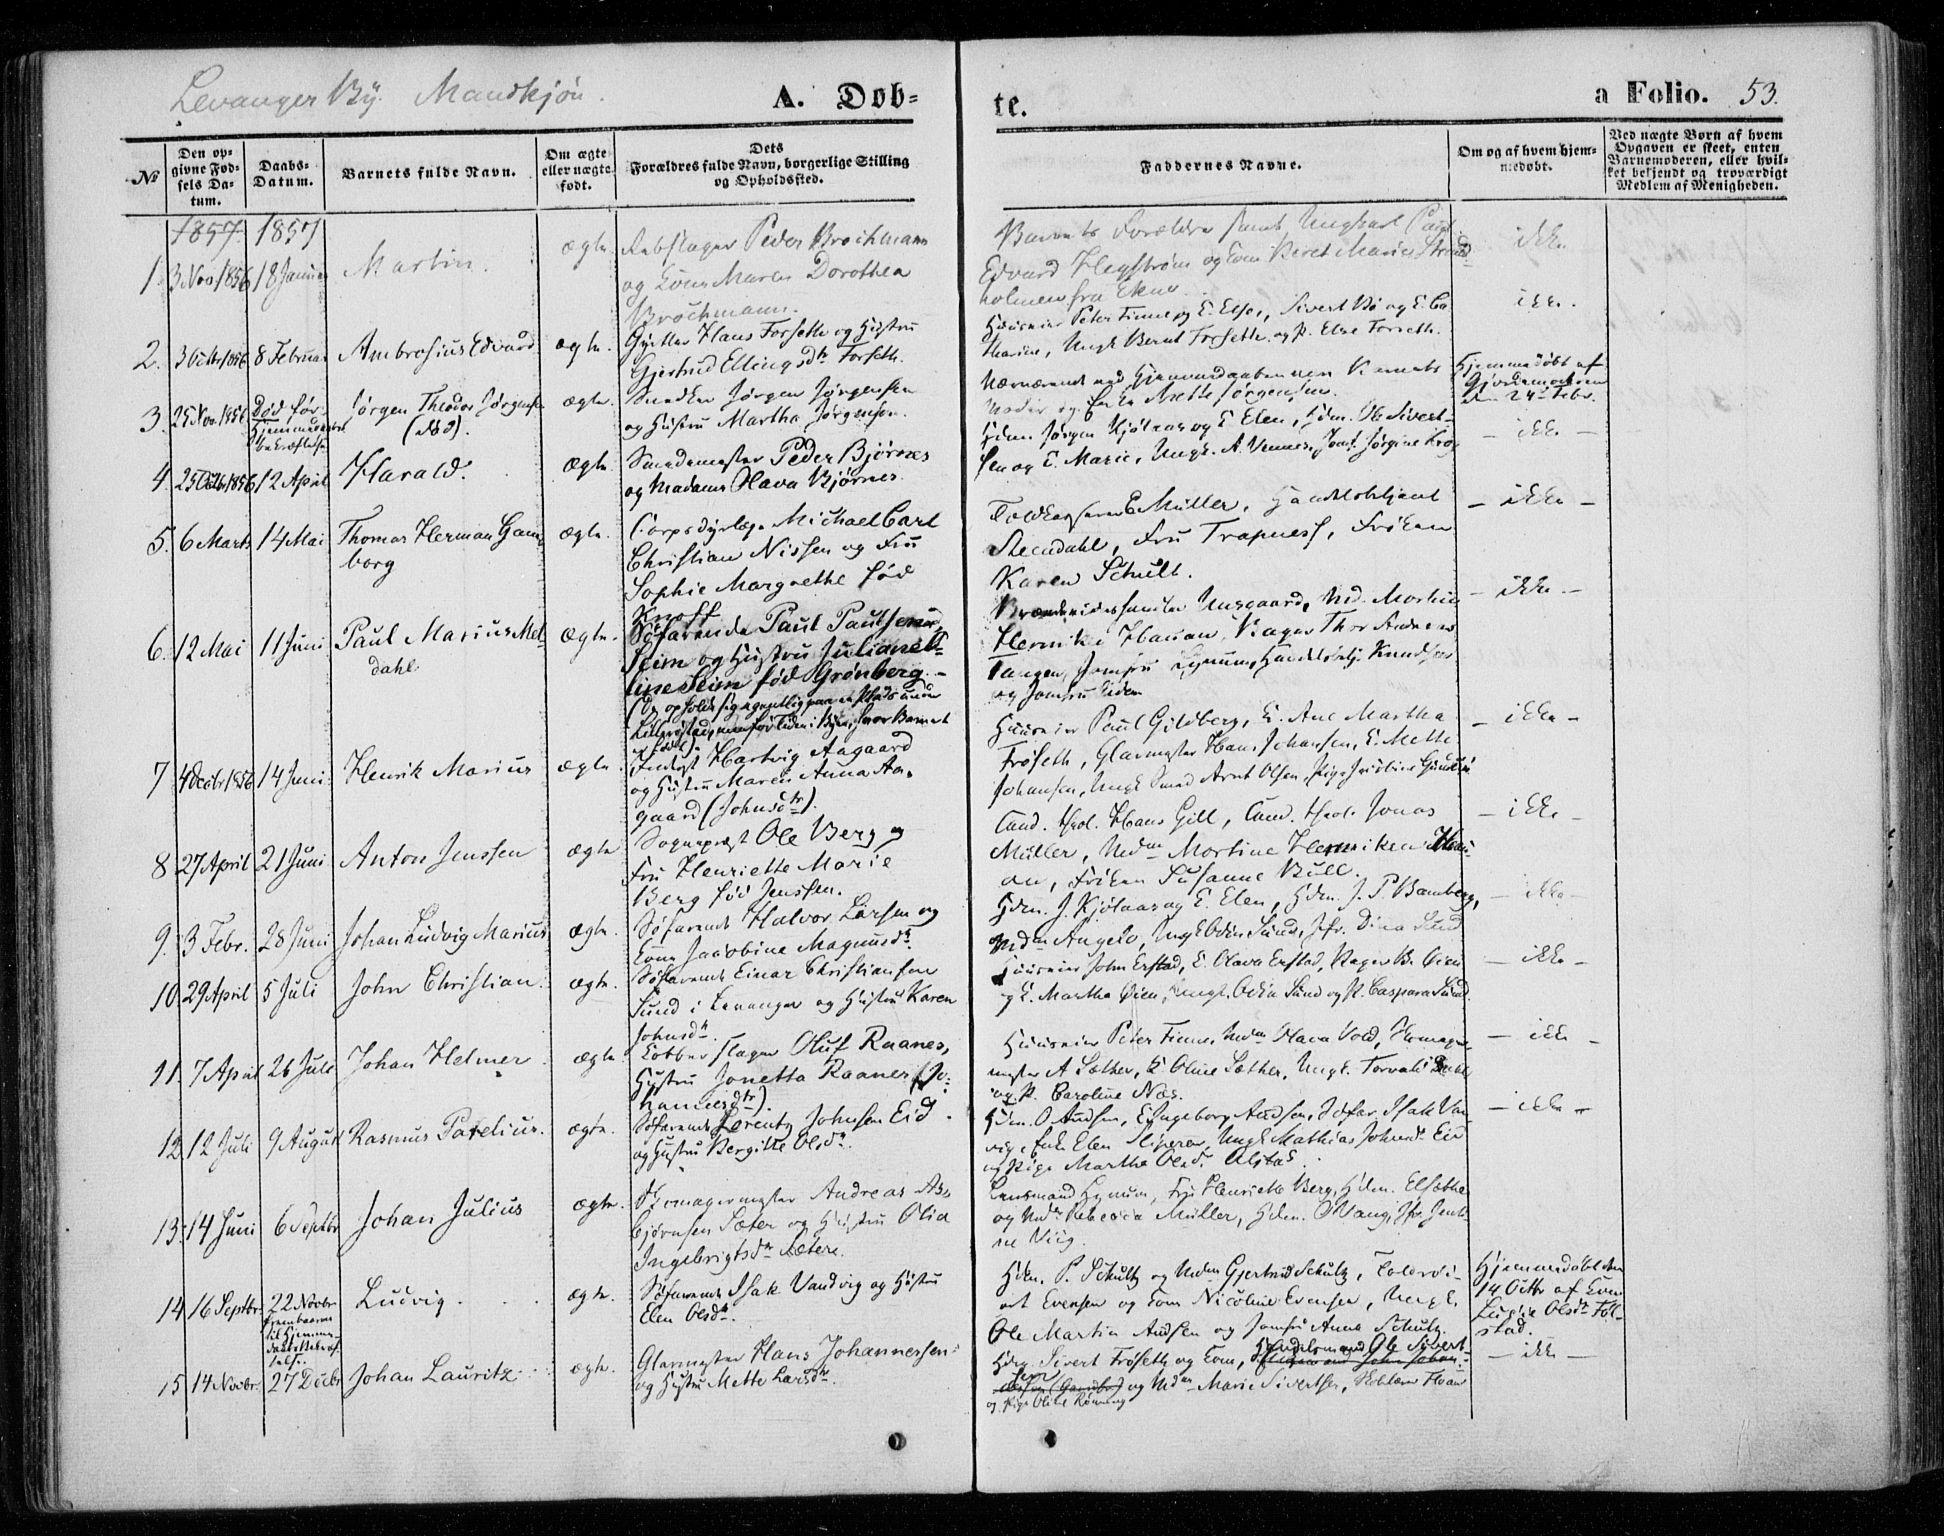 SAT, Ministerialprotokoller, klokkerbøker og fødselsregistre - Nord-Trøndelag, 720/L0184: Ministerialbok nr. 720A02 /1, 1855-1863, s. 53